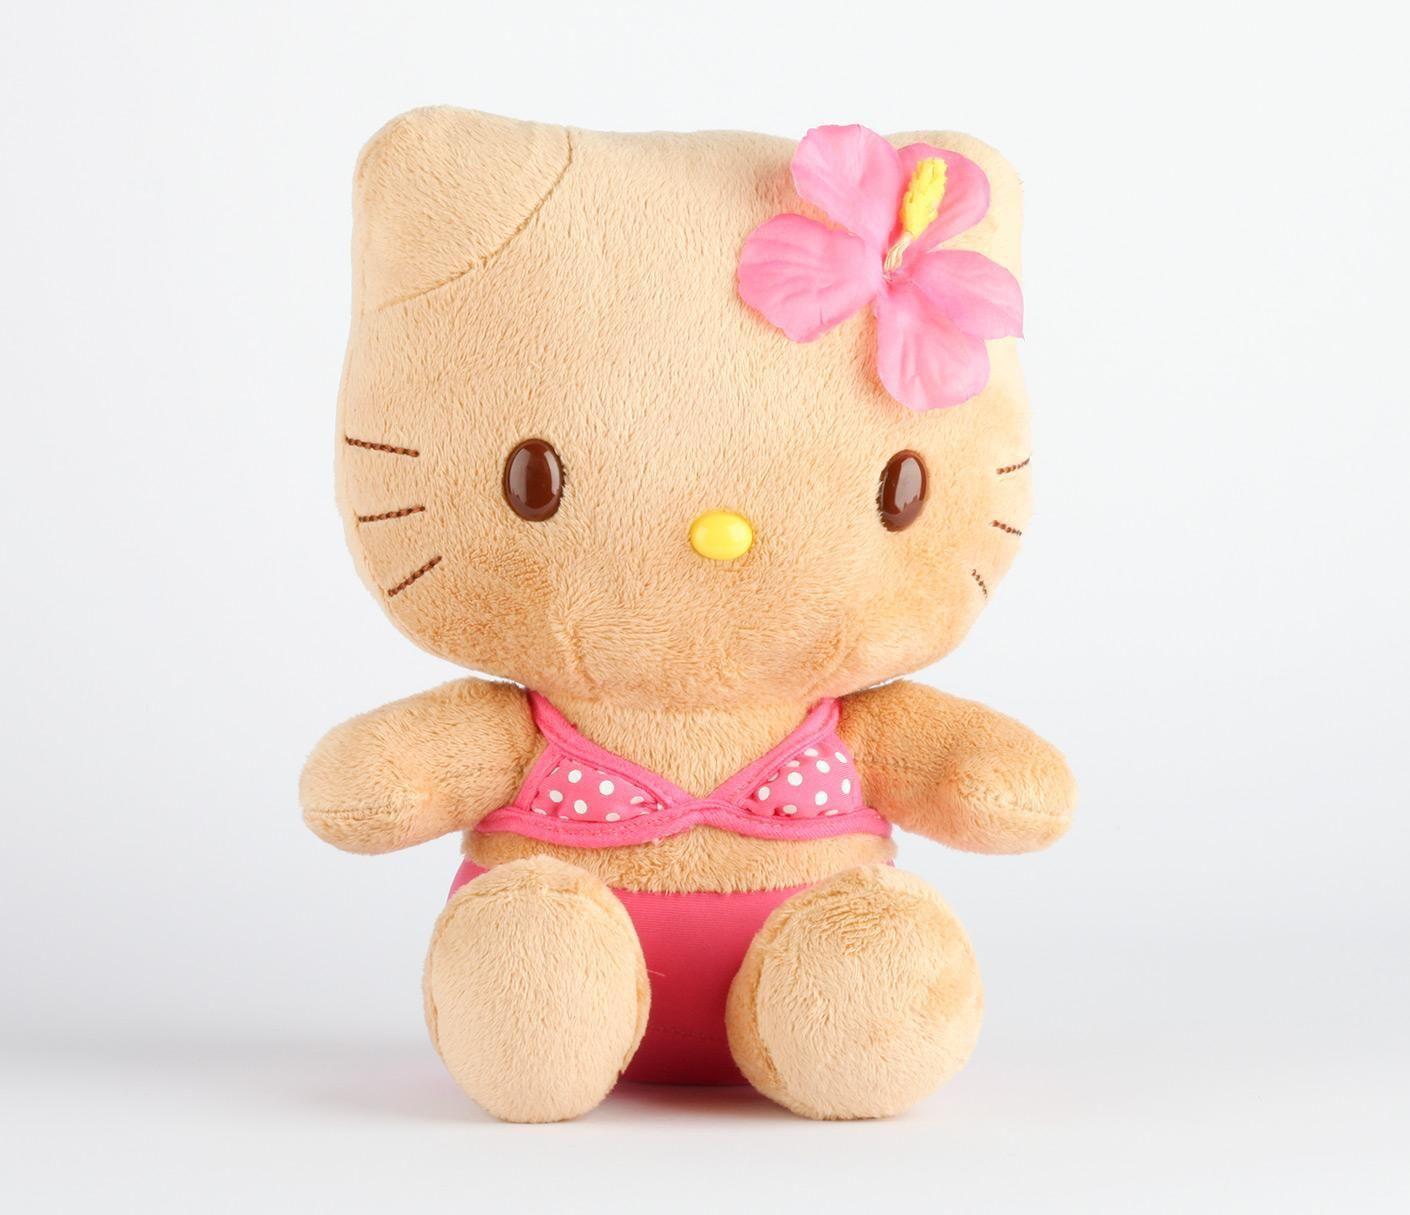 Hello Kitty Plush Hula Hawaii Tanned Cute Soft Stuffed Plush Toys